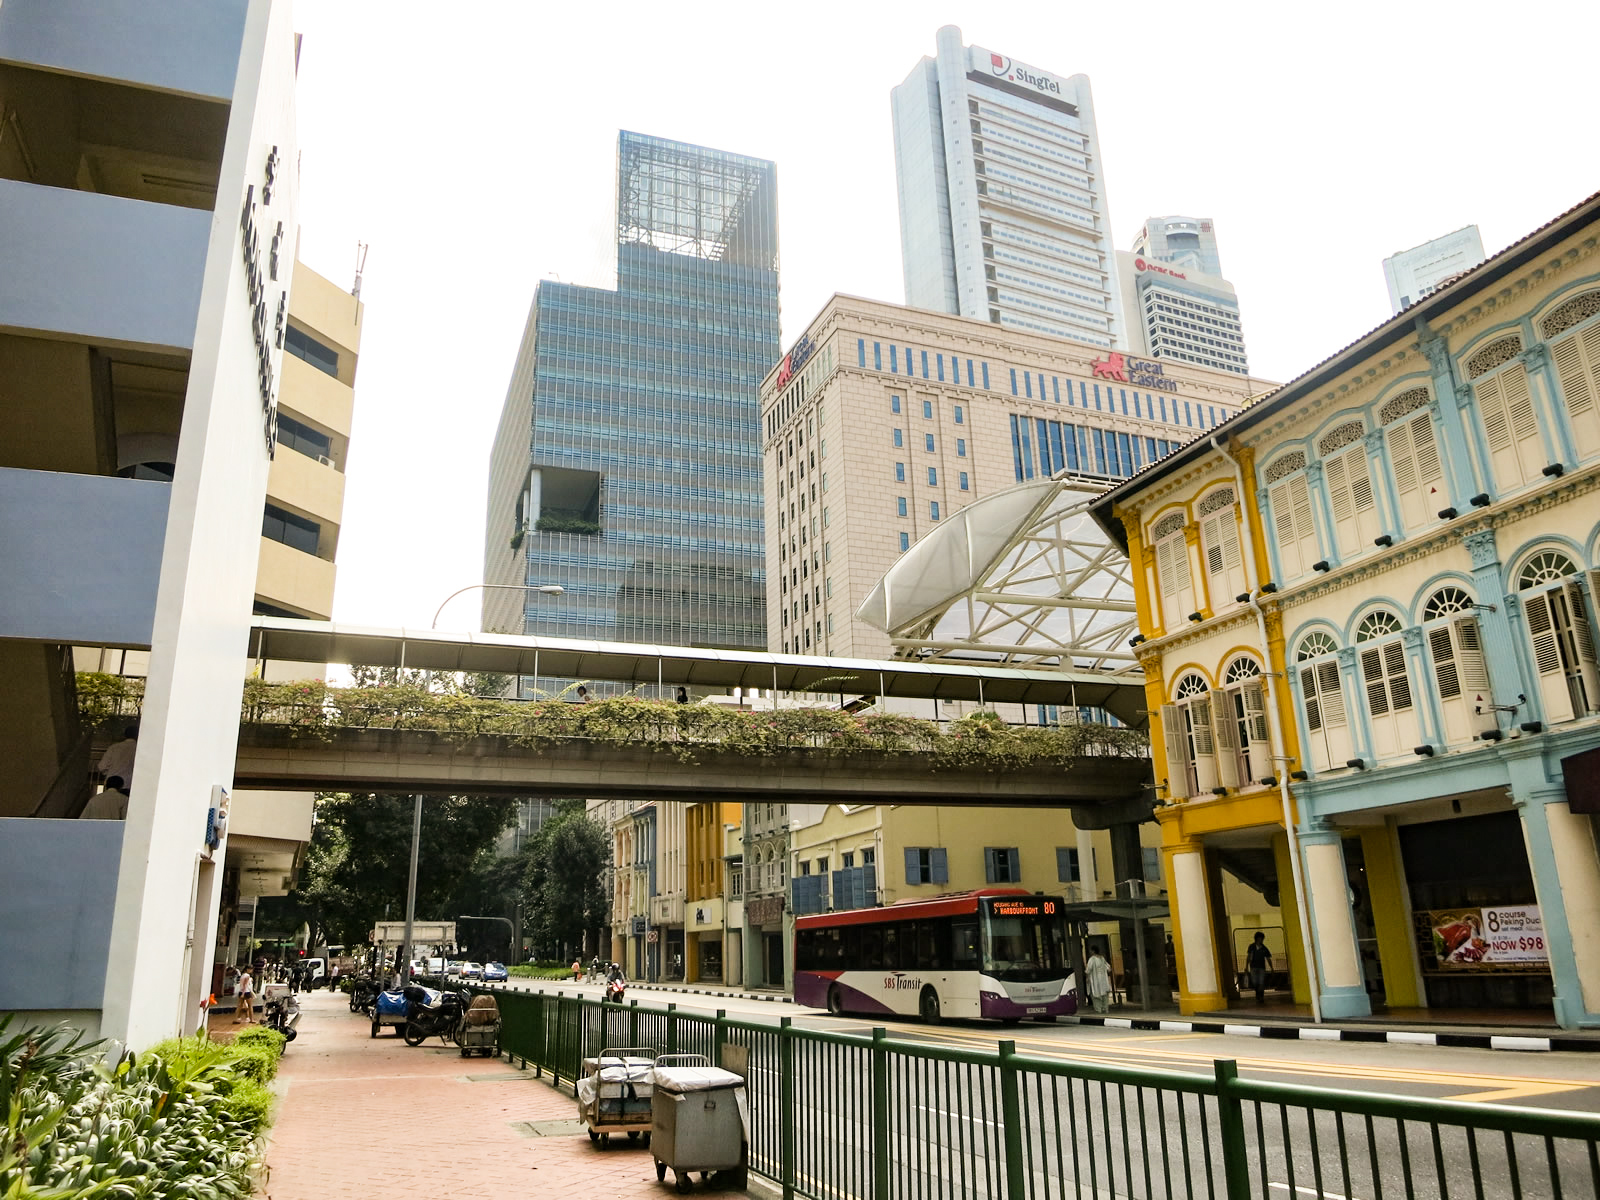 高層ビルが立ち並ぶシンガポールのオフィス街の写真